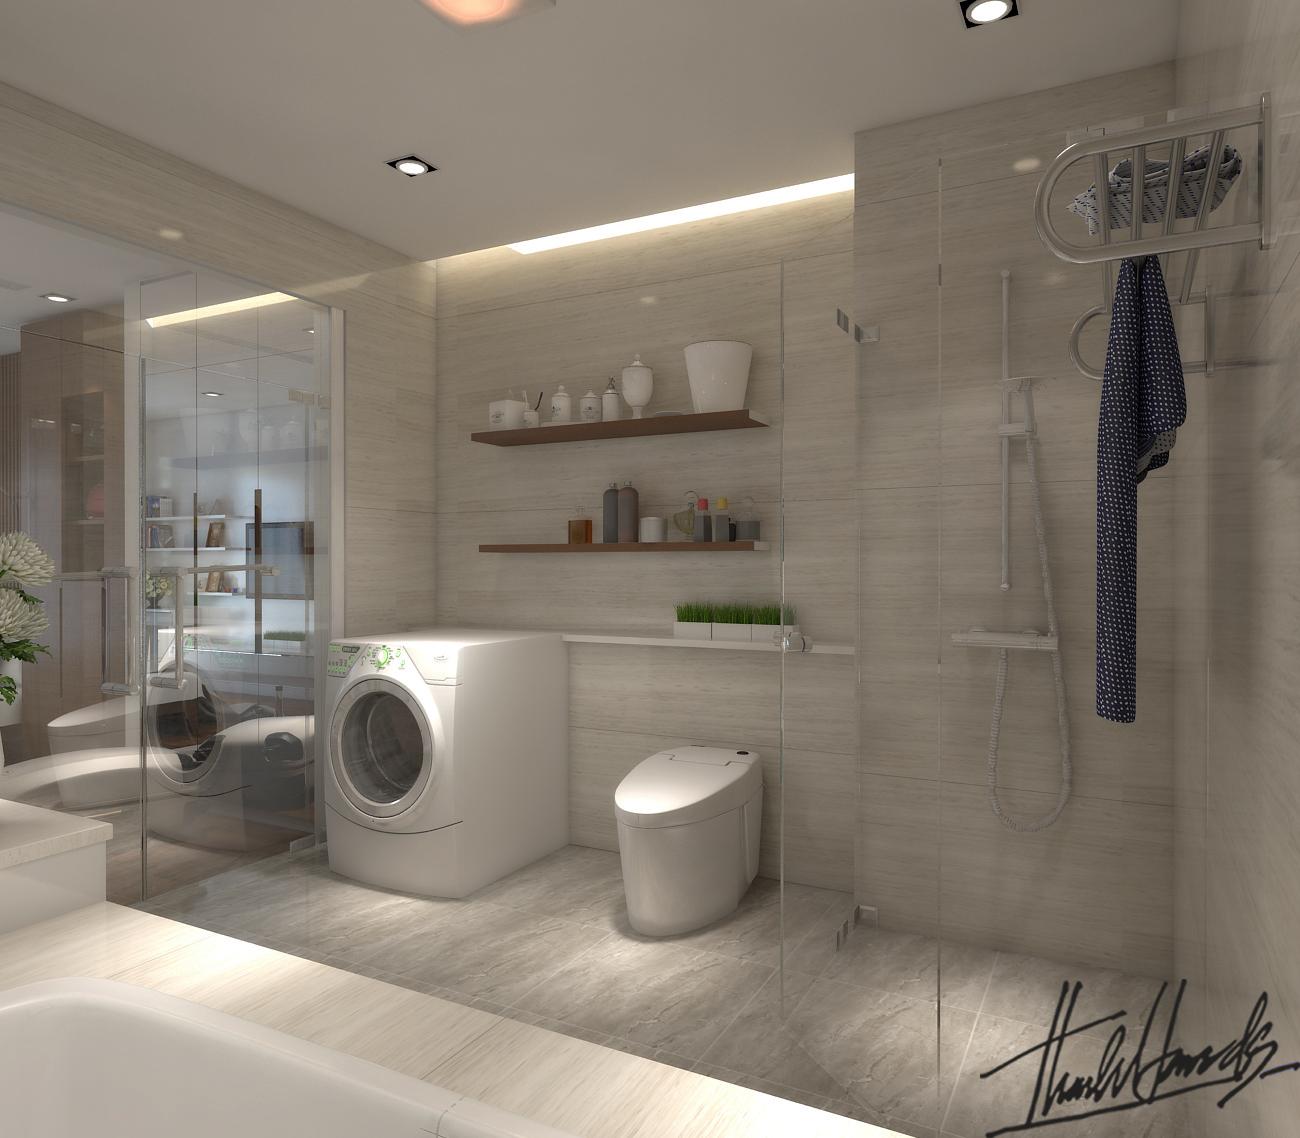 thiết kế nội thất chung cư tại Hà Nội chung cư roya city 18 1568274329